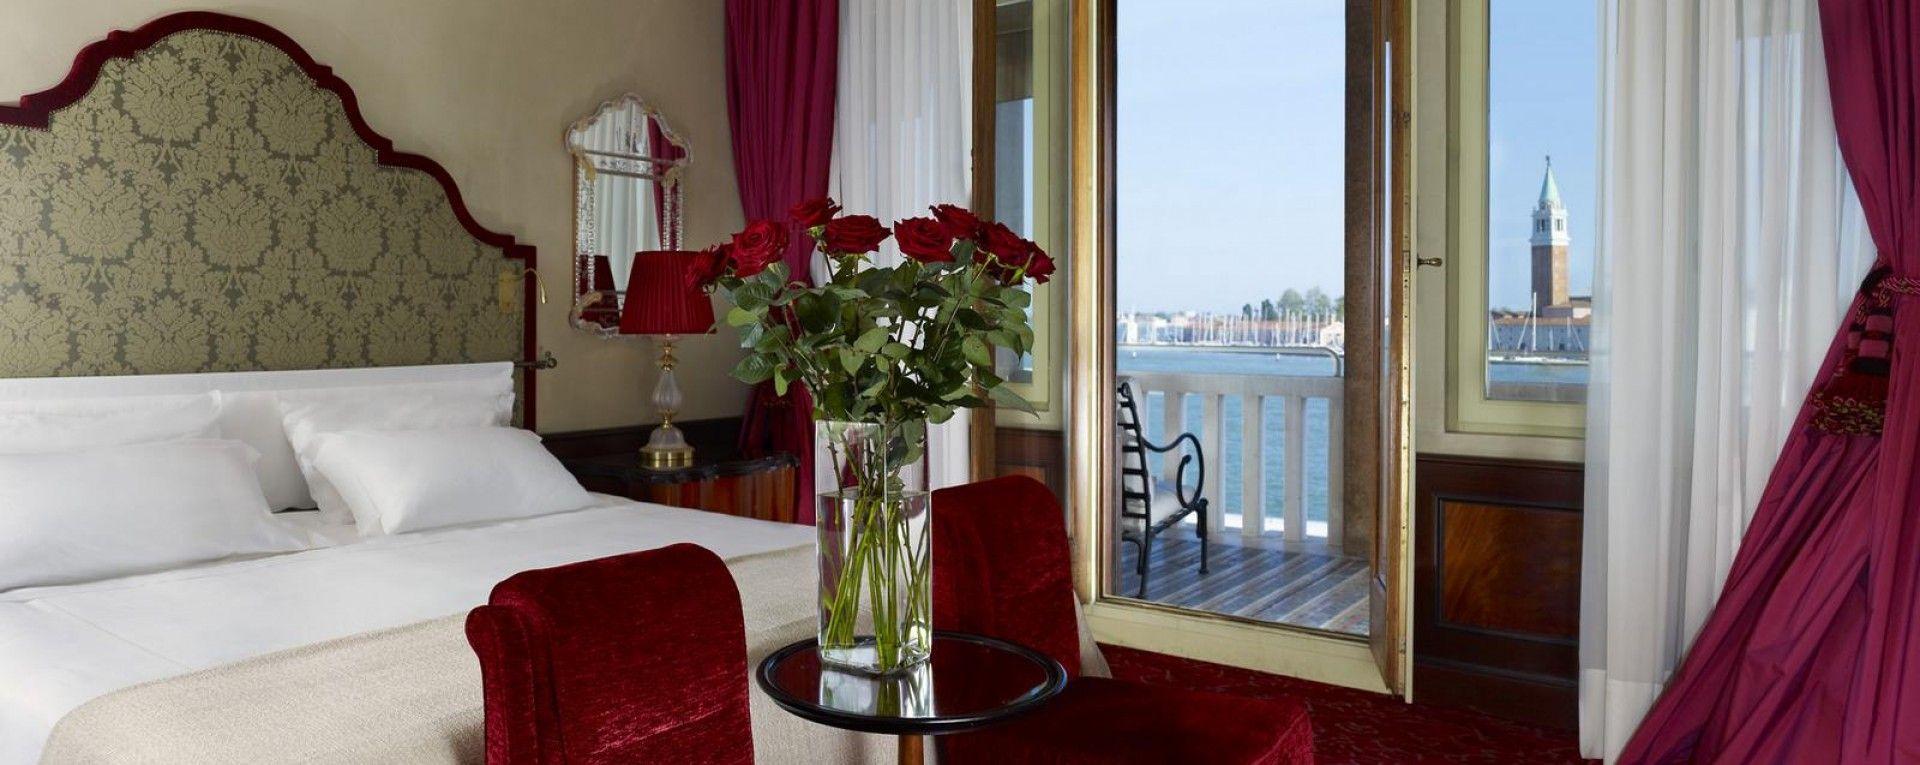 Двухместные номера luxury lagoon view, роскошные номера с ба.